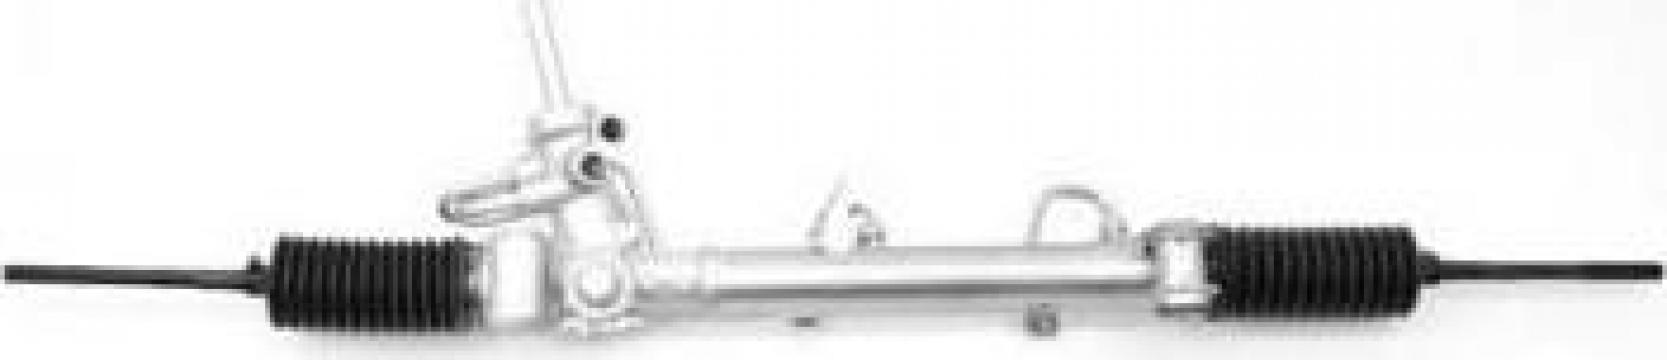 Caseta Directie Opel Astra G 02.98-12.09 de la Medes Import Export Srl